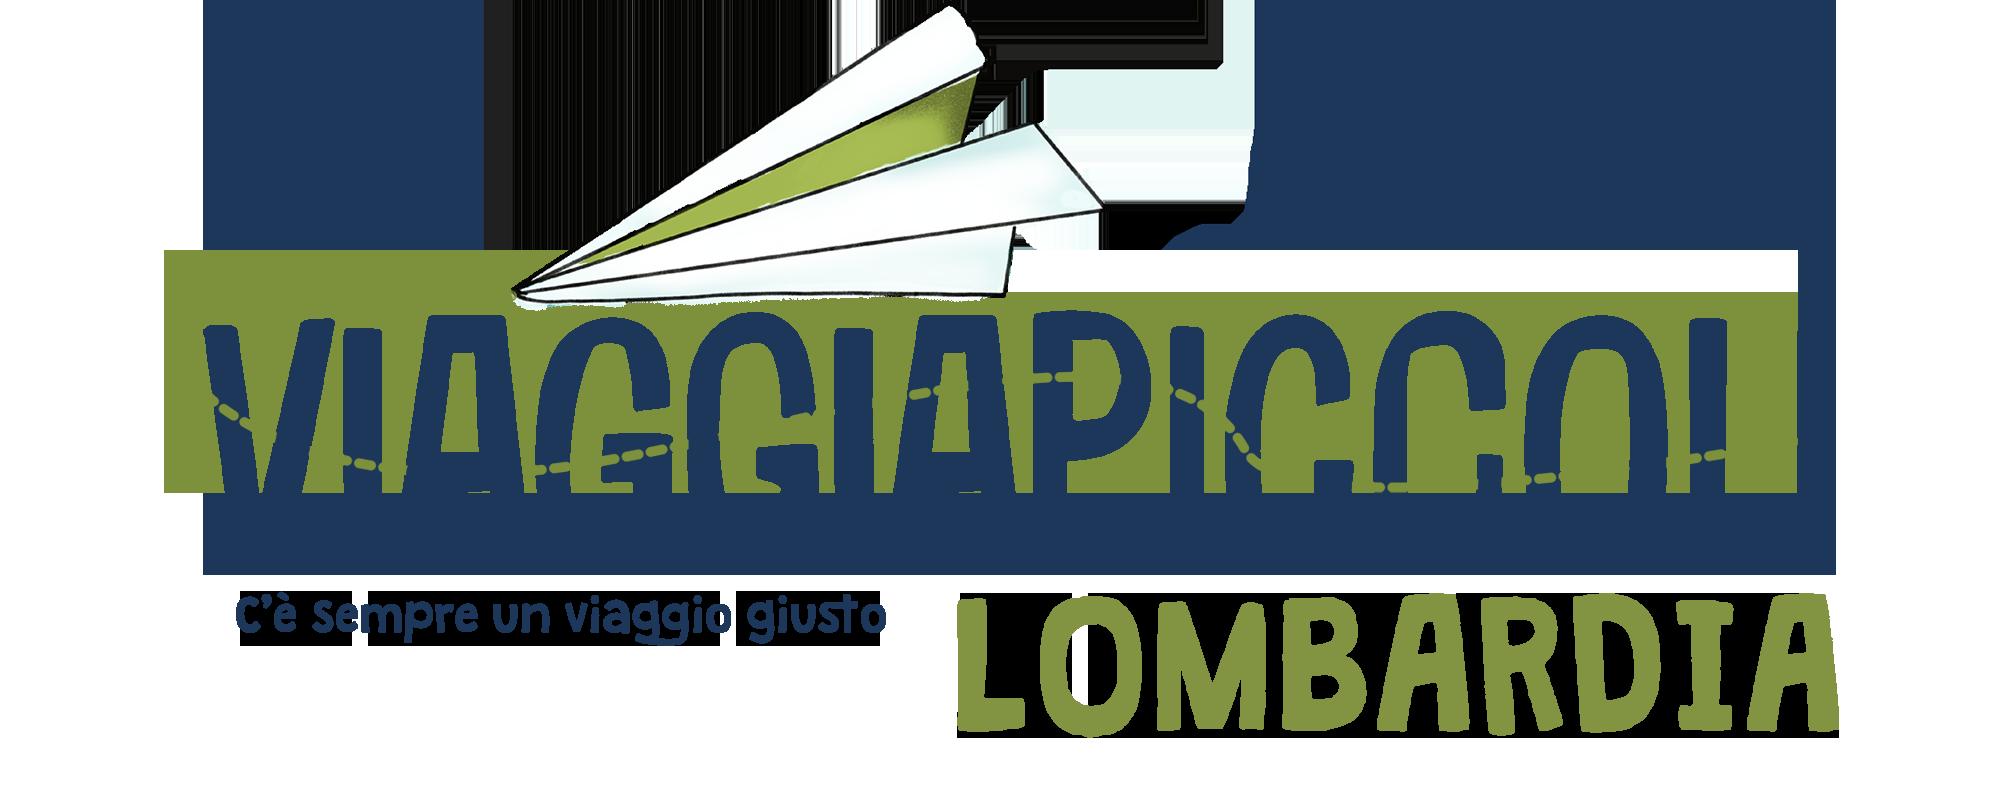 Lombardia con Viaggiapiccoli